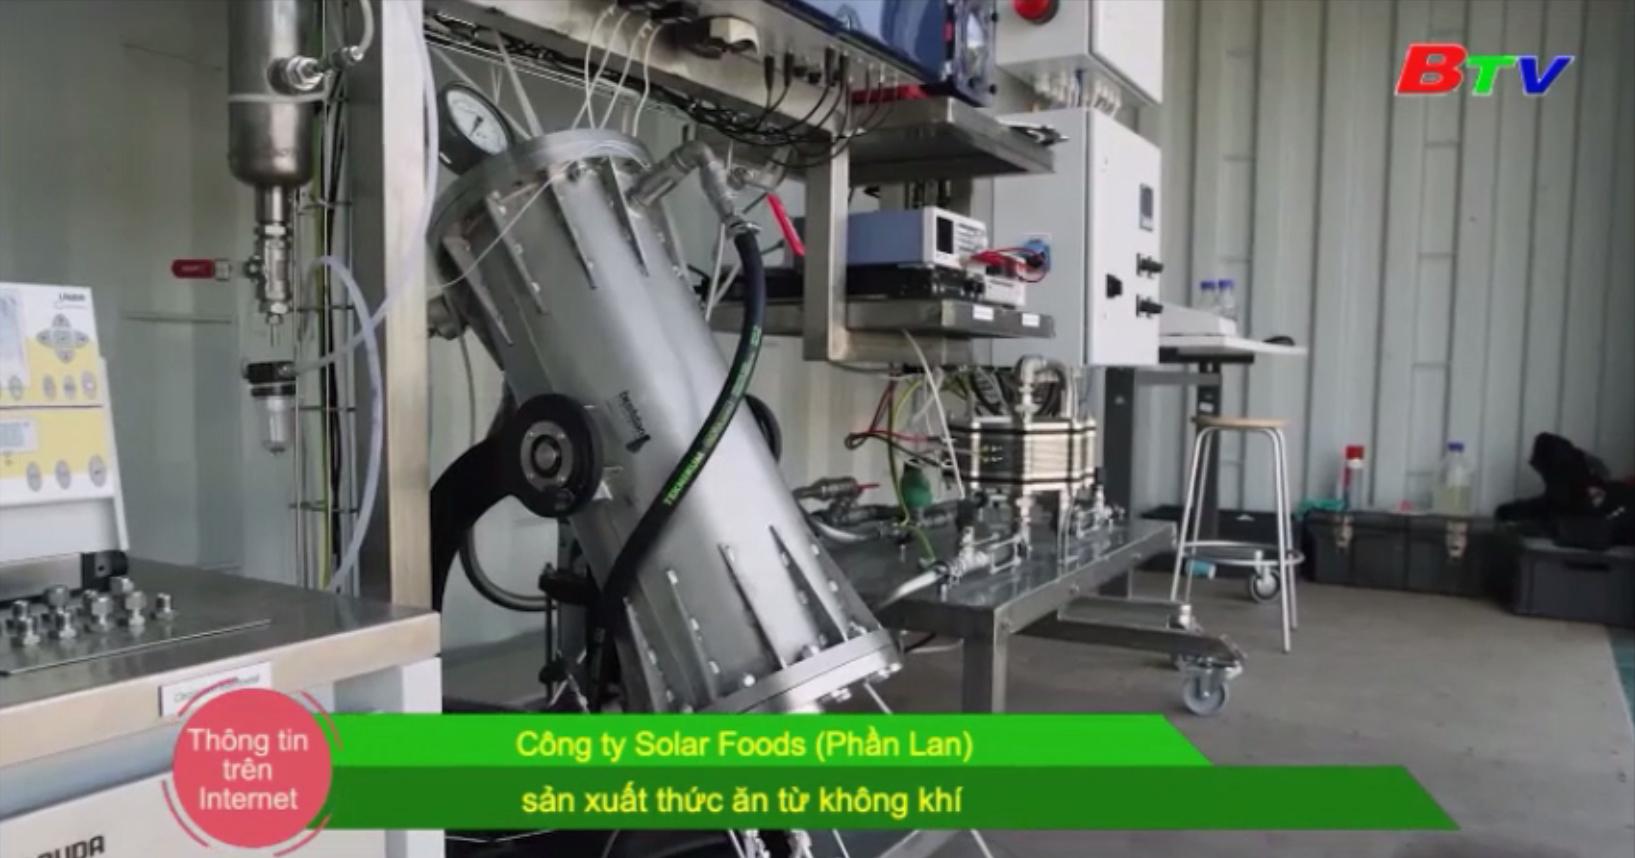 Công ty Solar Foods (Phần Lan) sản xuất thức ăn từ không khí